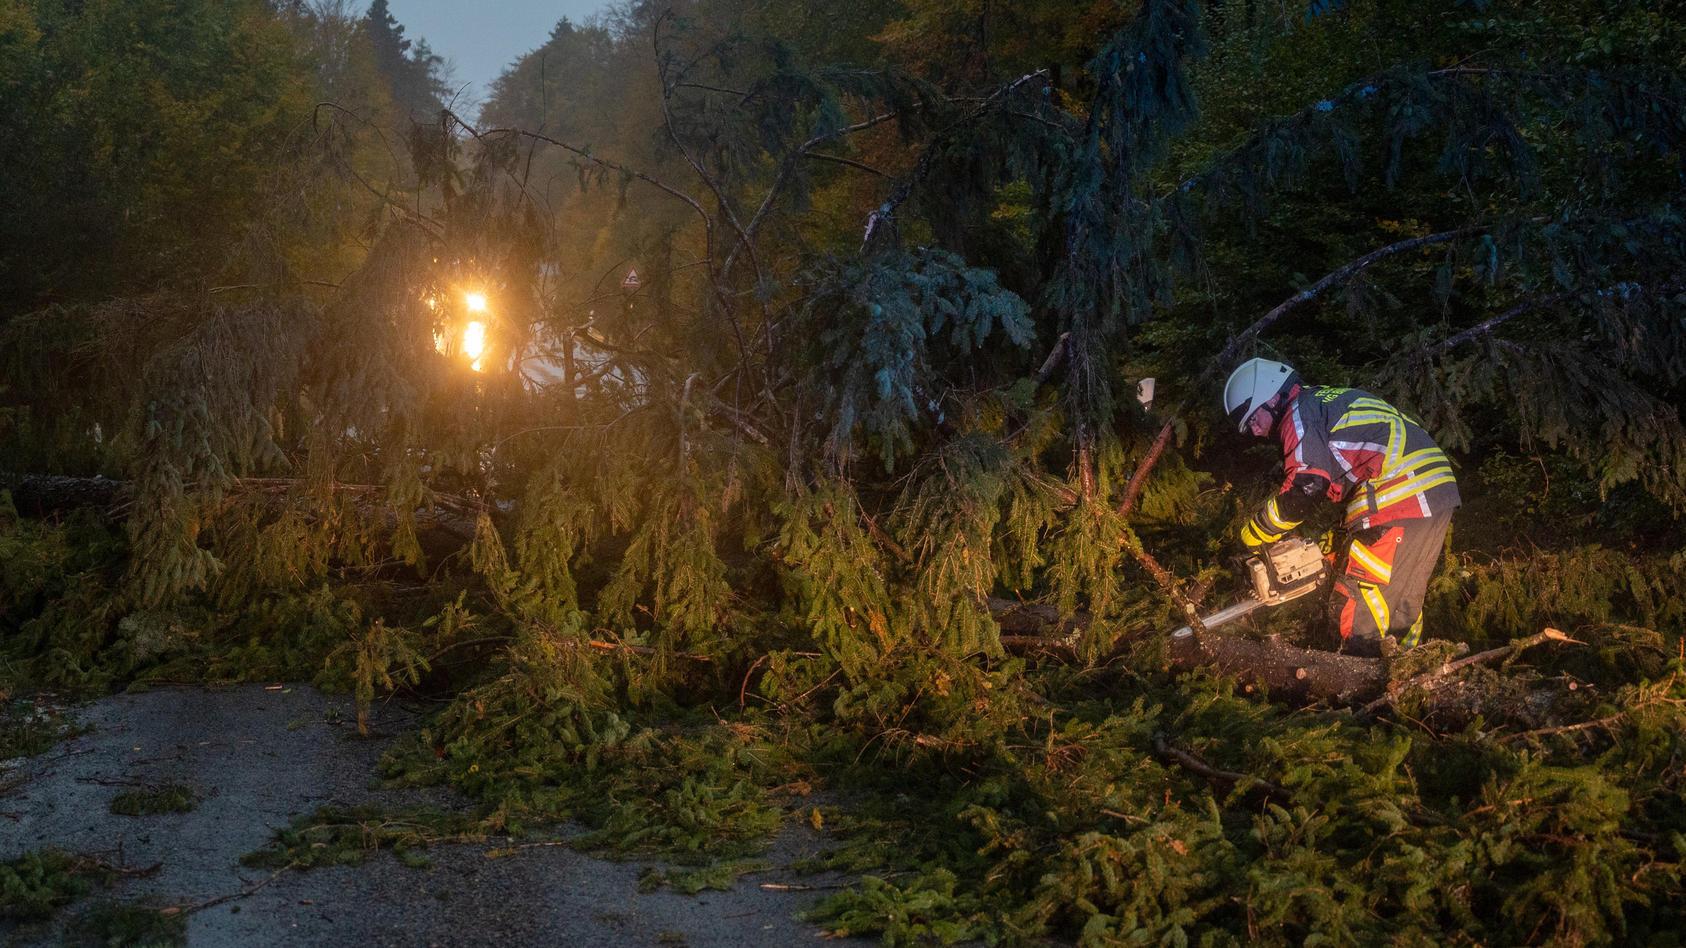 herbststurm-in-deutschland-tornado-in-emmerich-gefilmt